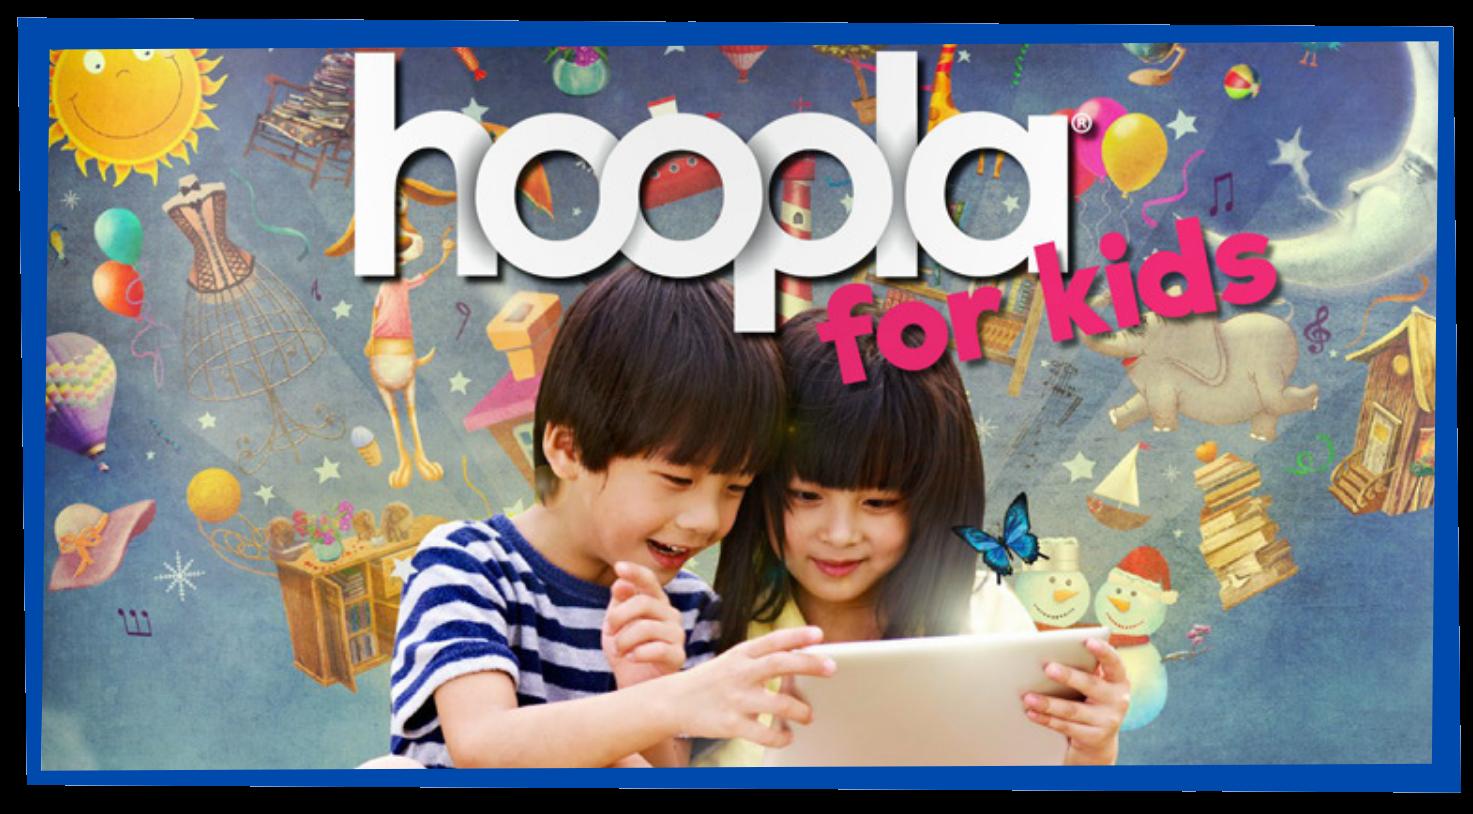 Hoopla for kids kink